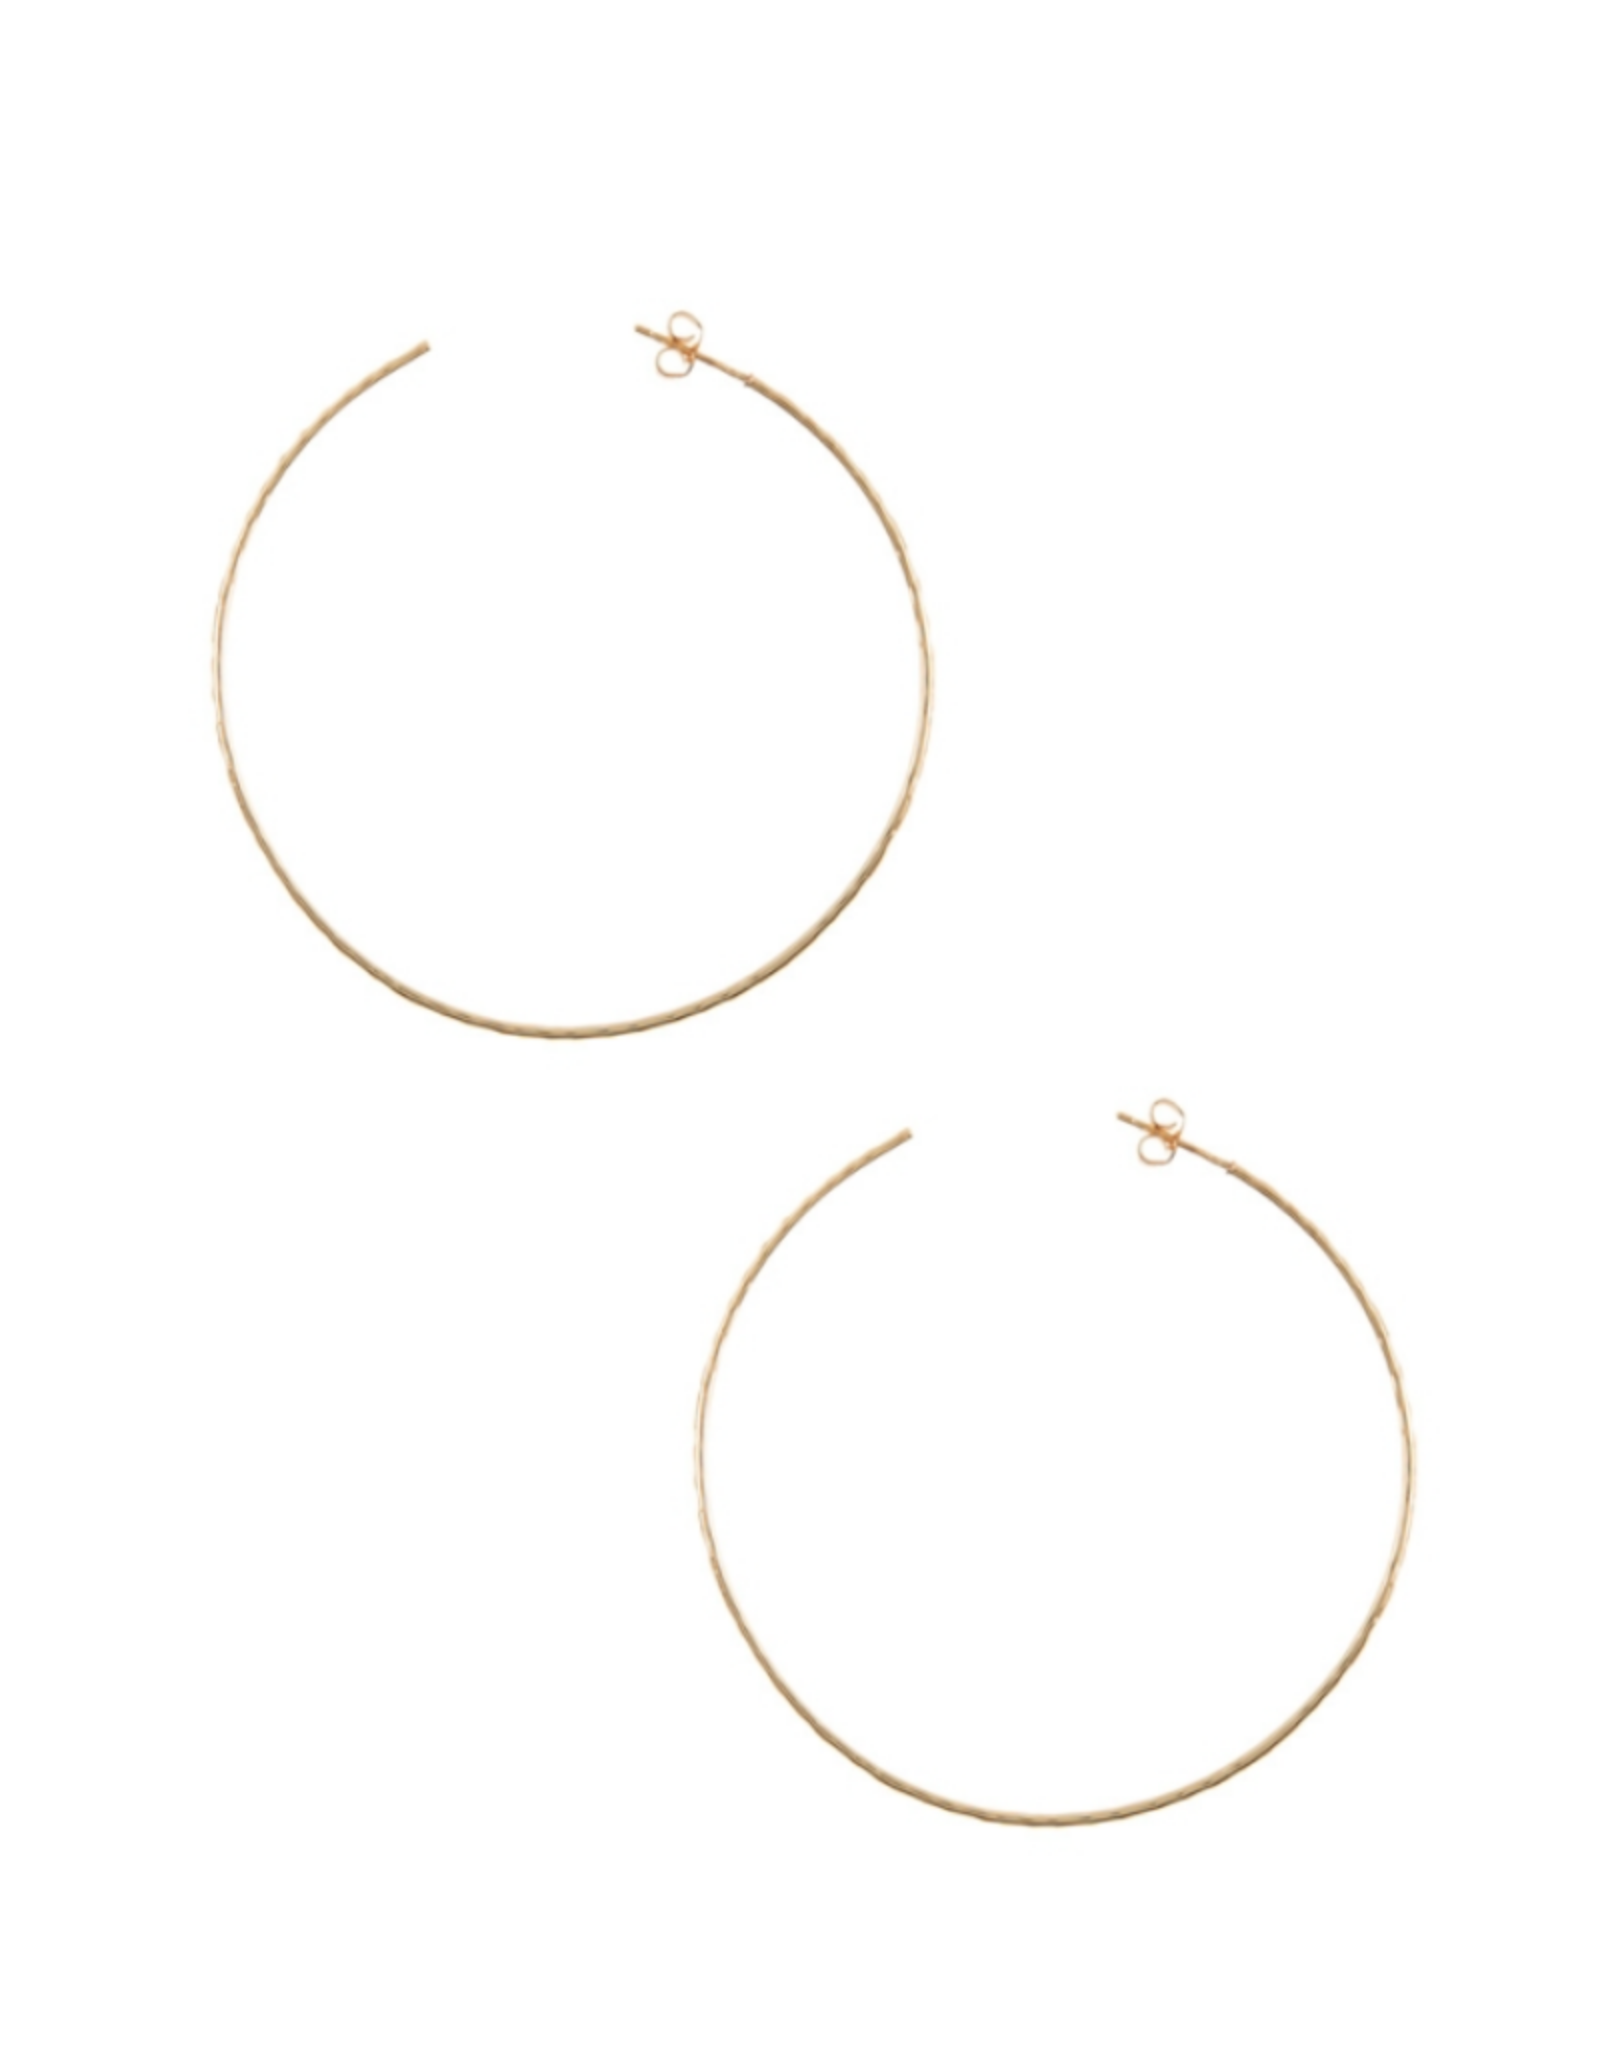 EARRINGS-GOLD DIPPED HOOP  60MM W/ STUD BACK